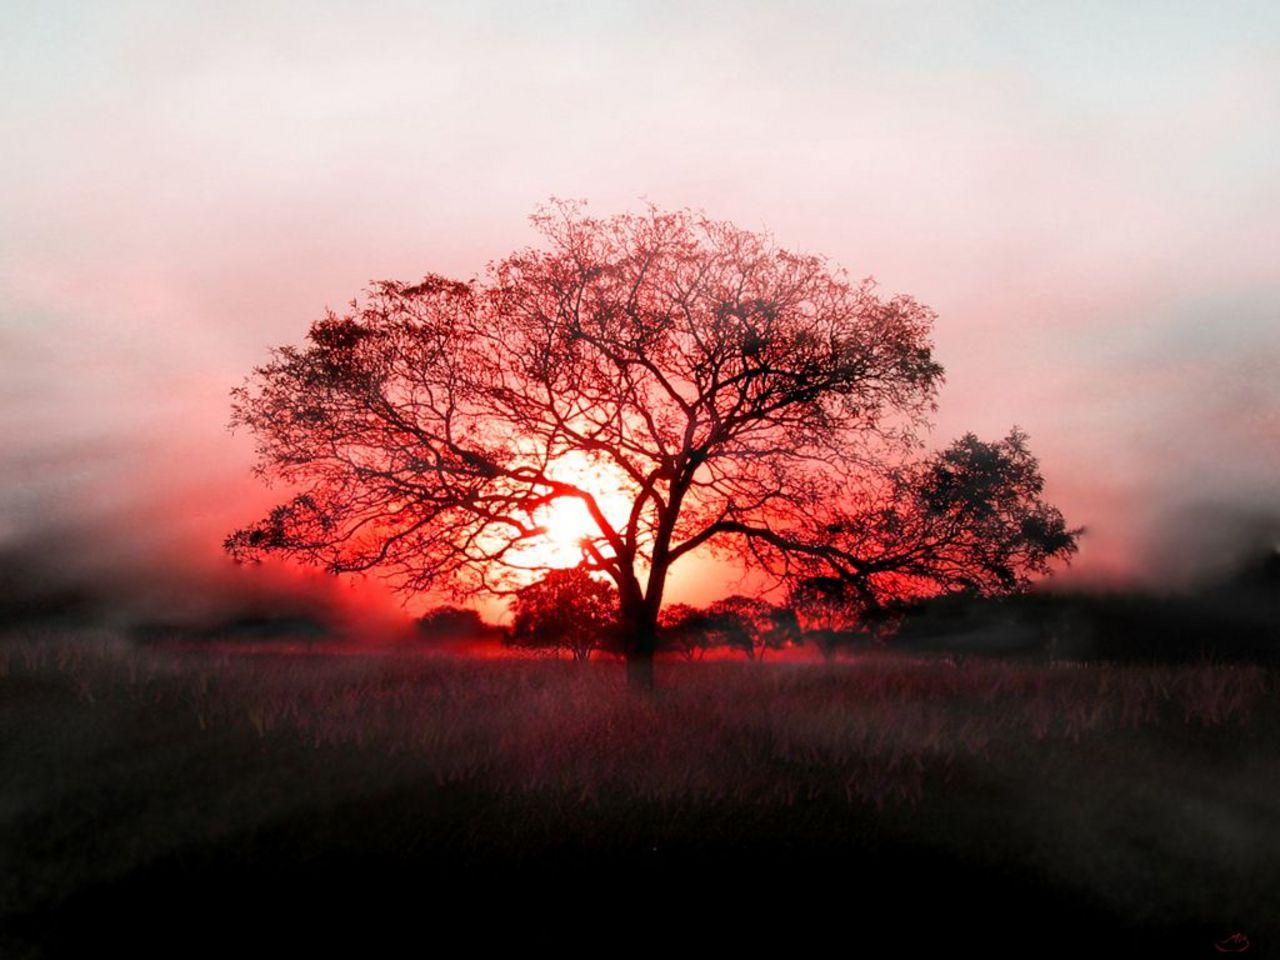 http://3.bp.blogspot.com/-bBbf2IerY5s/T7SzVPYJvbI/AAAAAAAANn4/eiFf-ldS2w8/s1600/Tree+wallpaper+gallery++(11).jpg